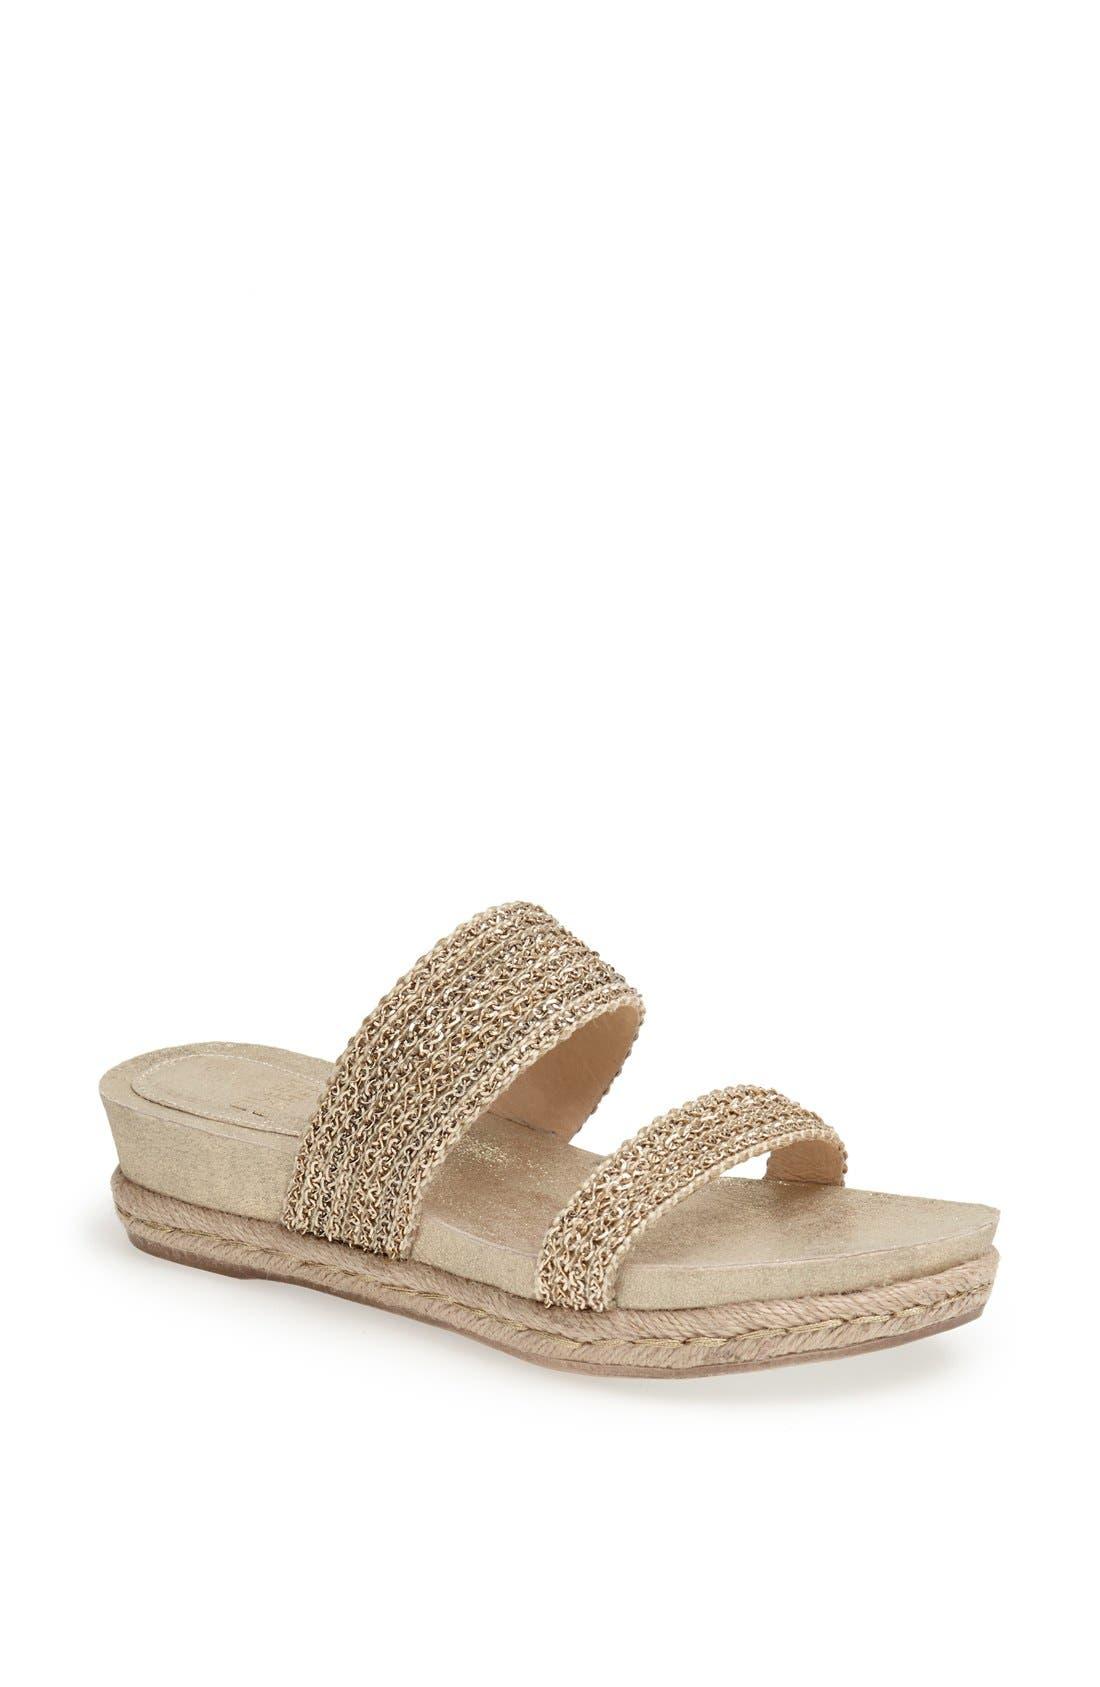 Main Image - Eileen Fisher 'Fresh' Sandal